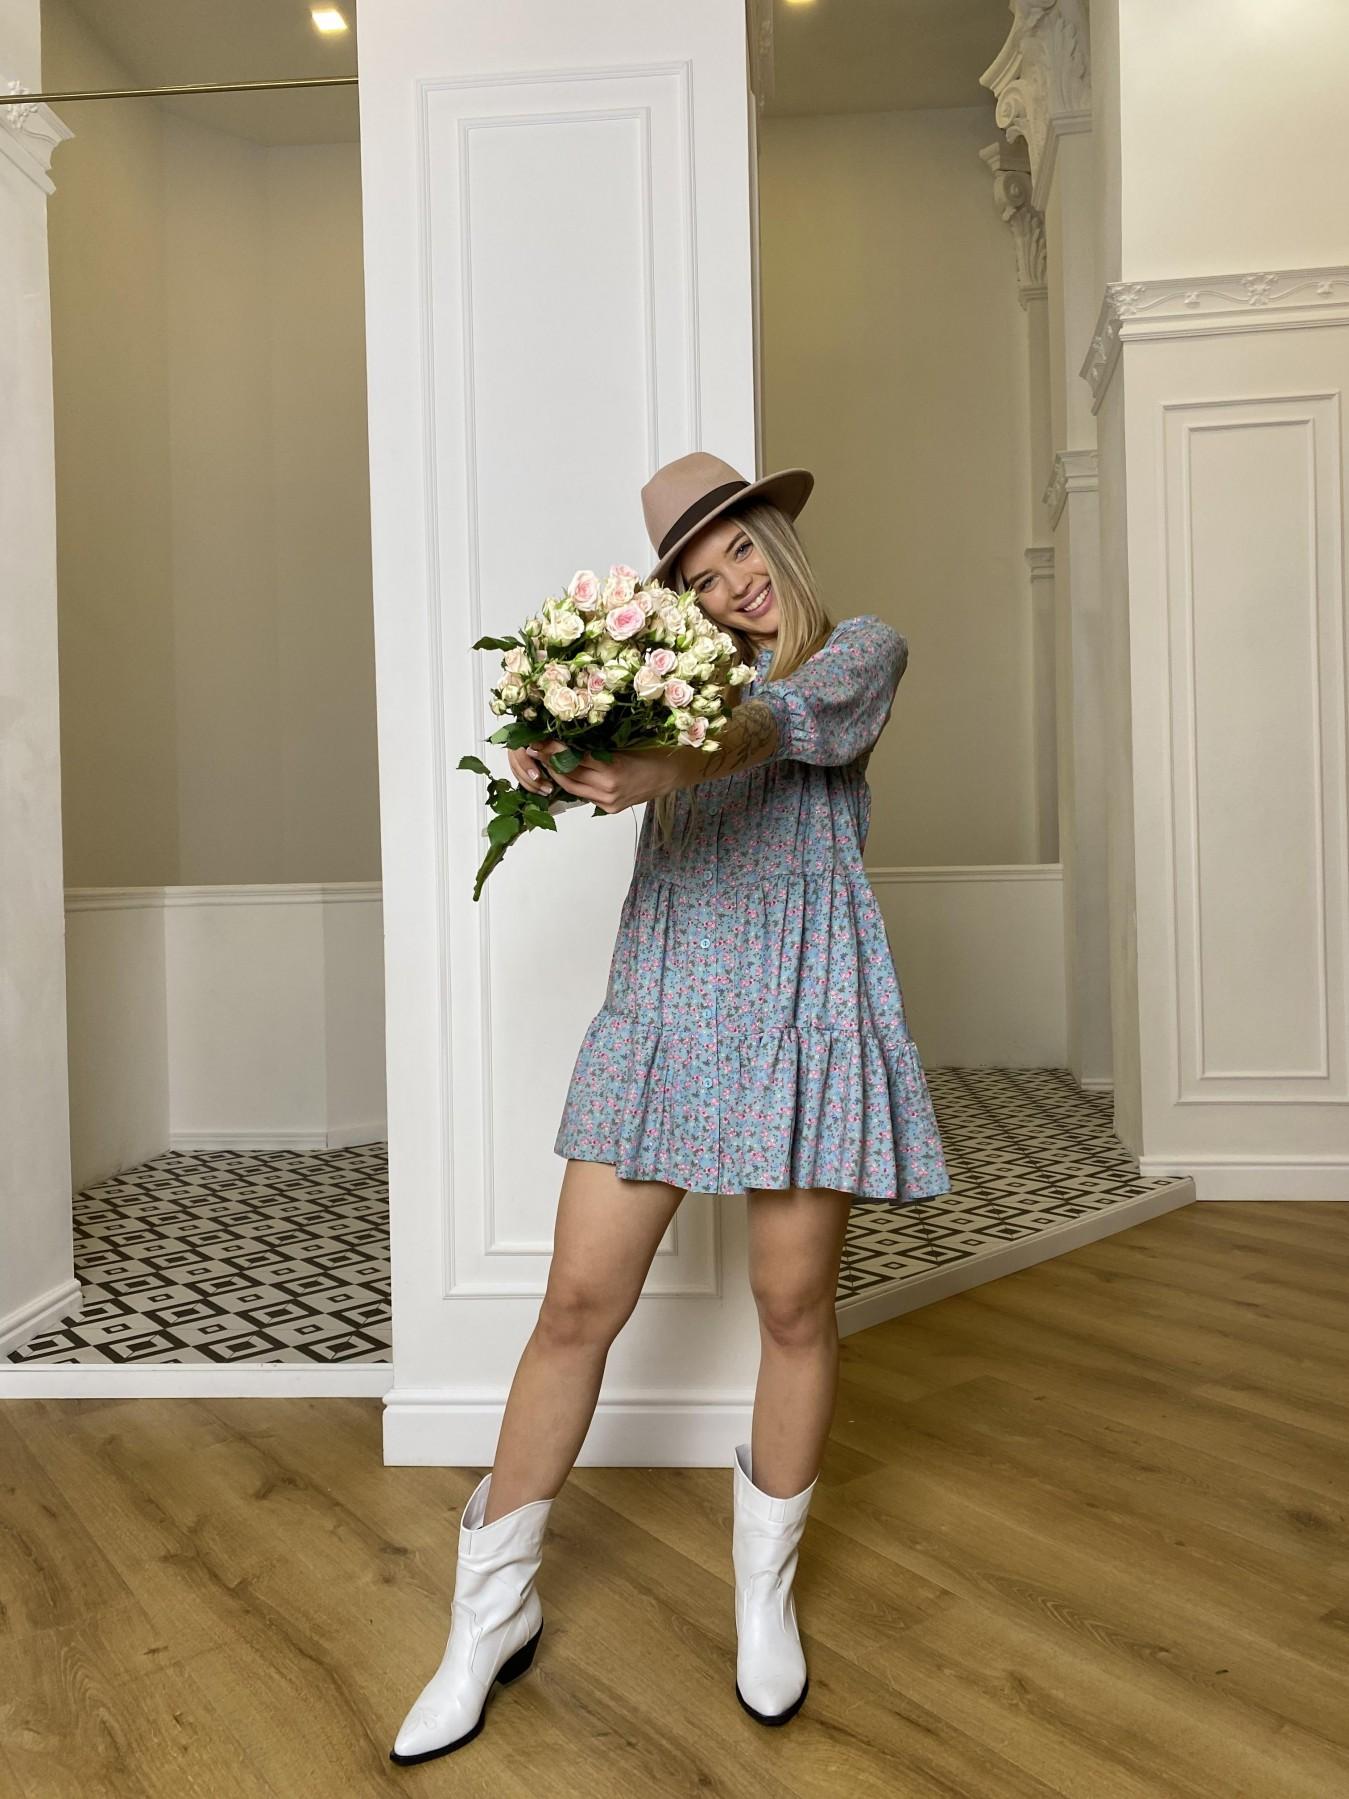 Берри штапель принт платье 10872 АРТ. 47327 Цвет: Цветы мел олива/роз/гол - фото 7, интернет магазин tm-modus.ru